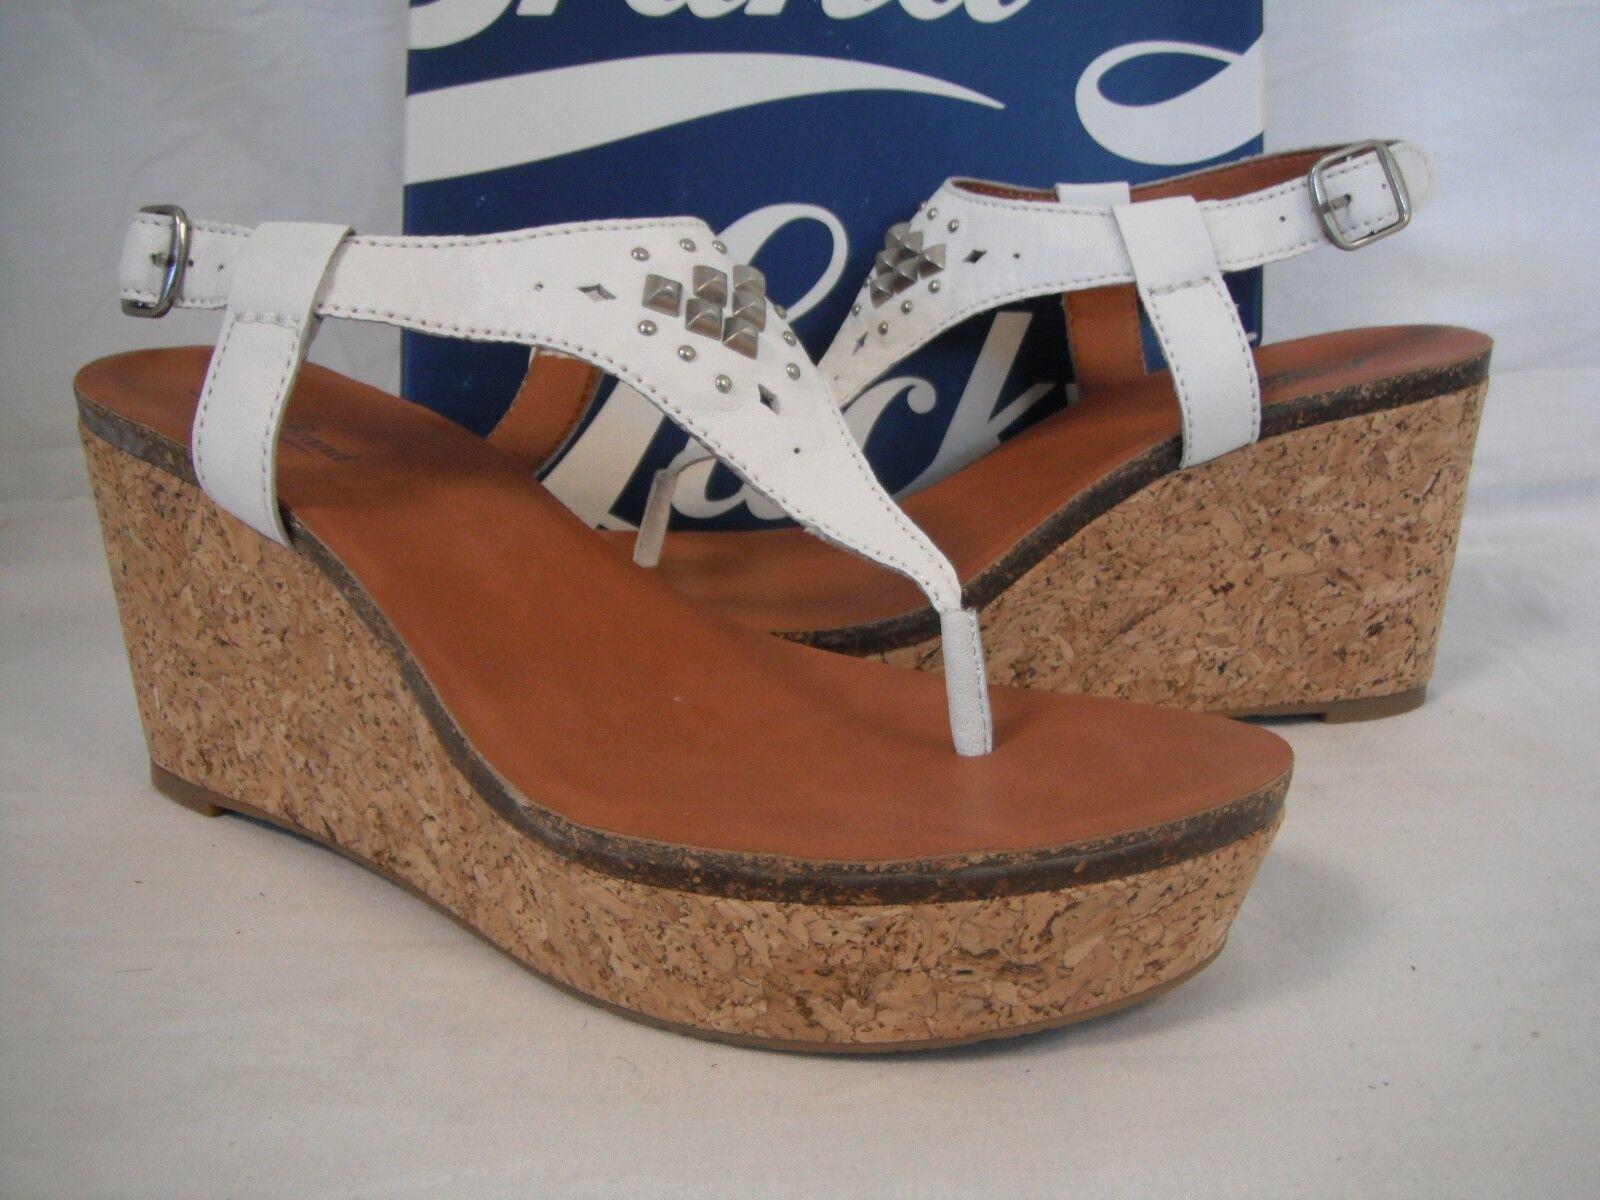 Lucky Brand 9.5 M Narnie WEISS Leder Sandaleen Wedges New Damenschuhe Schuhes NWOB